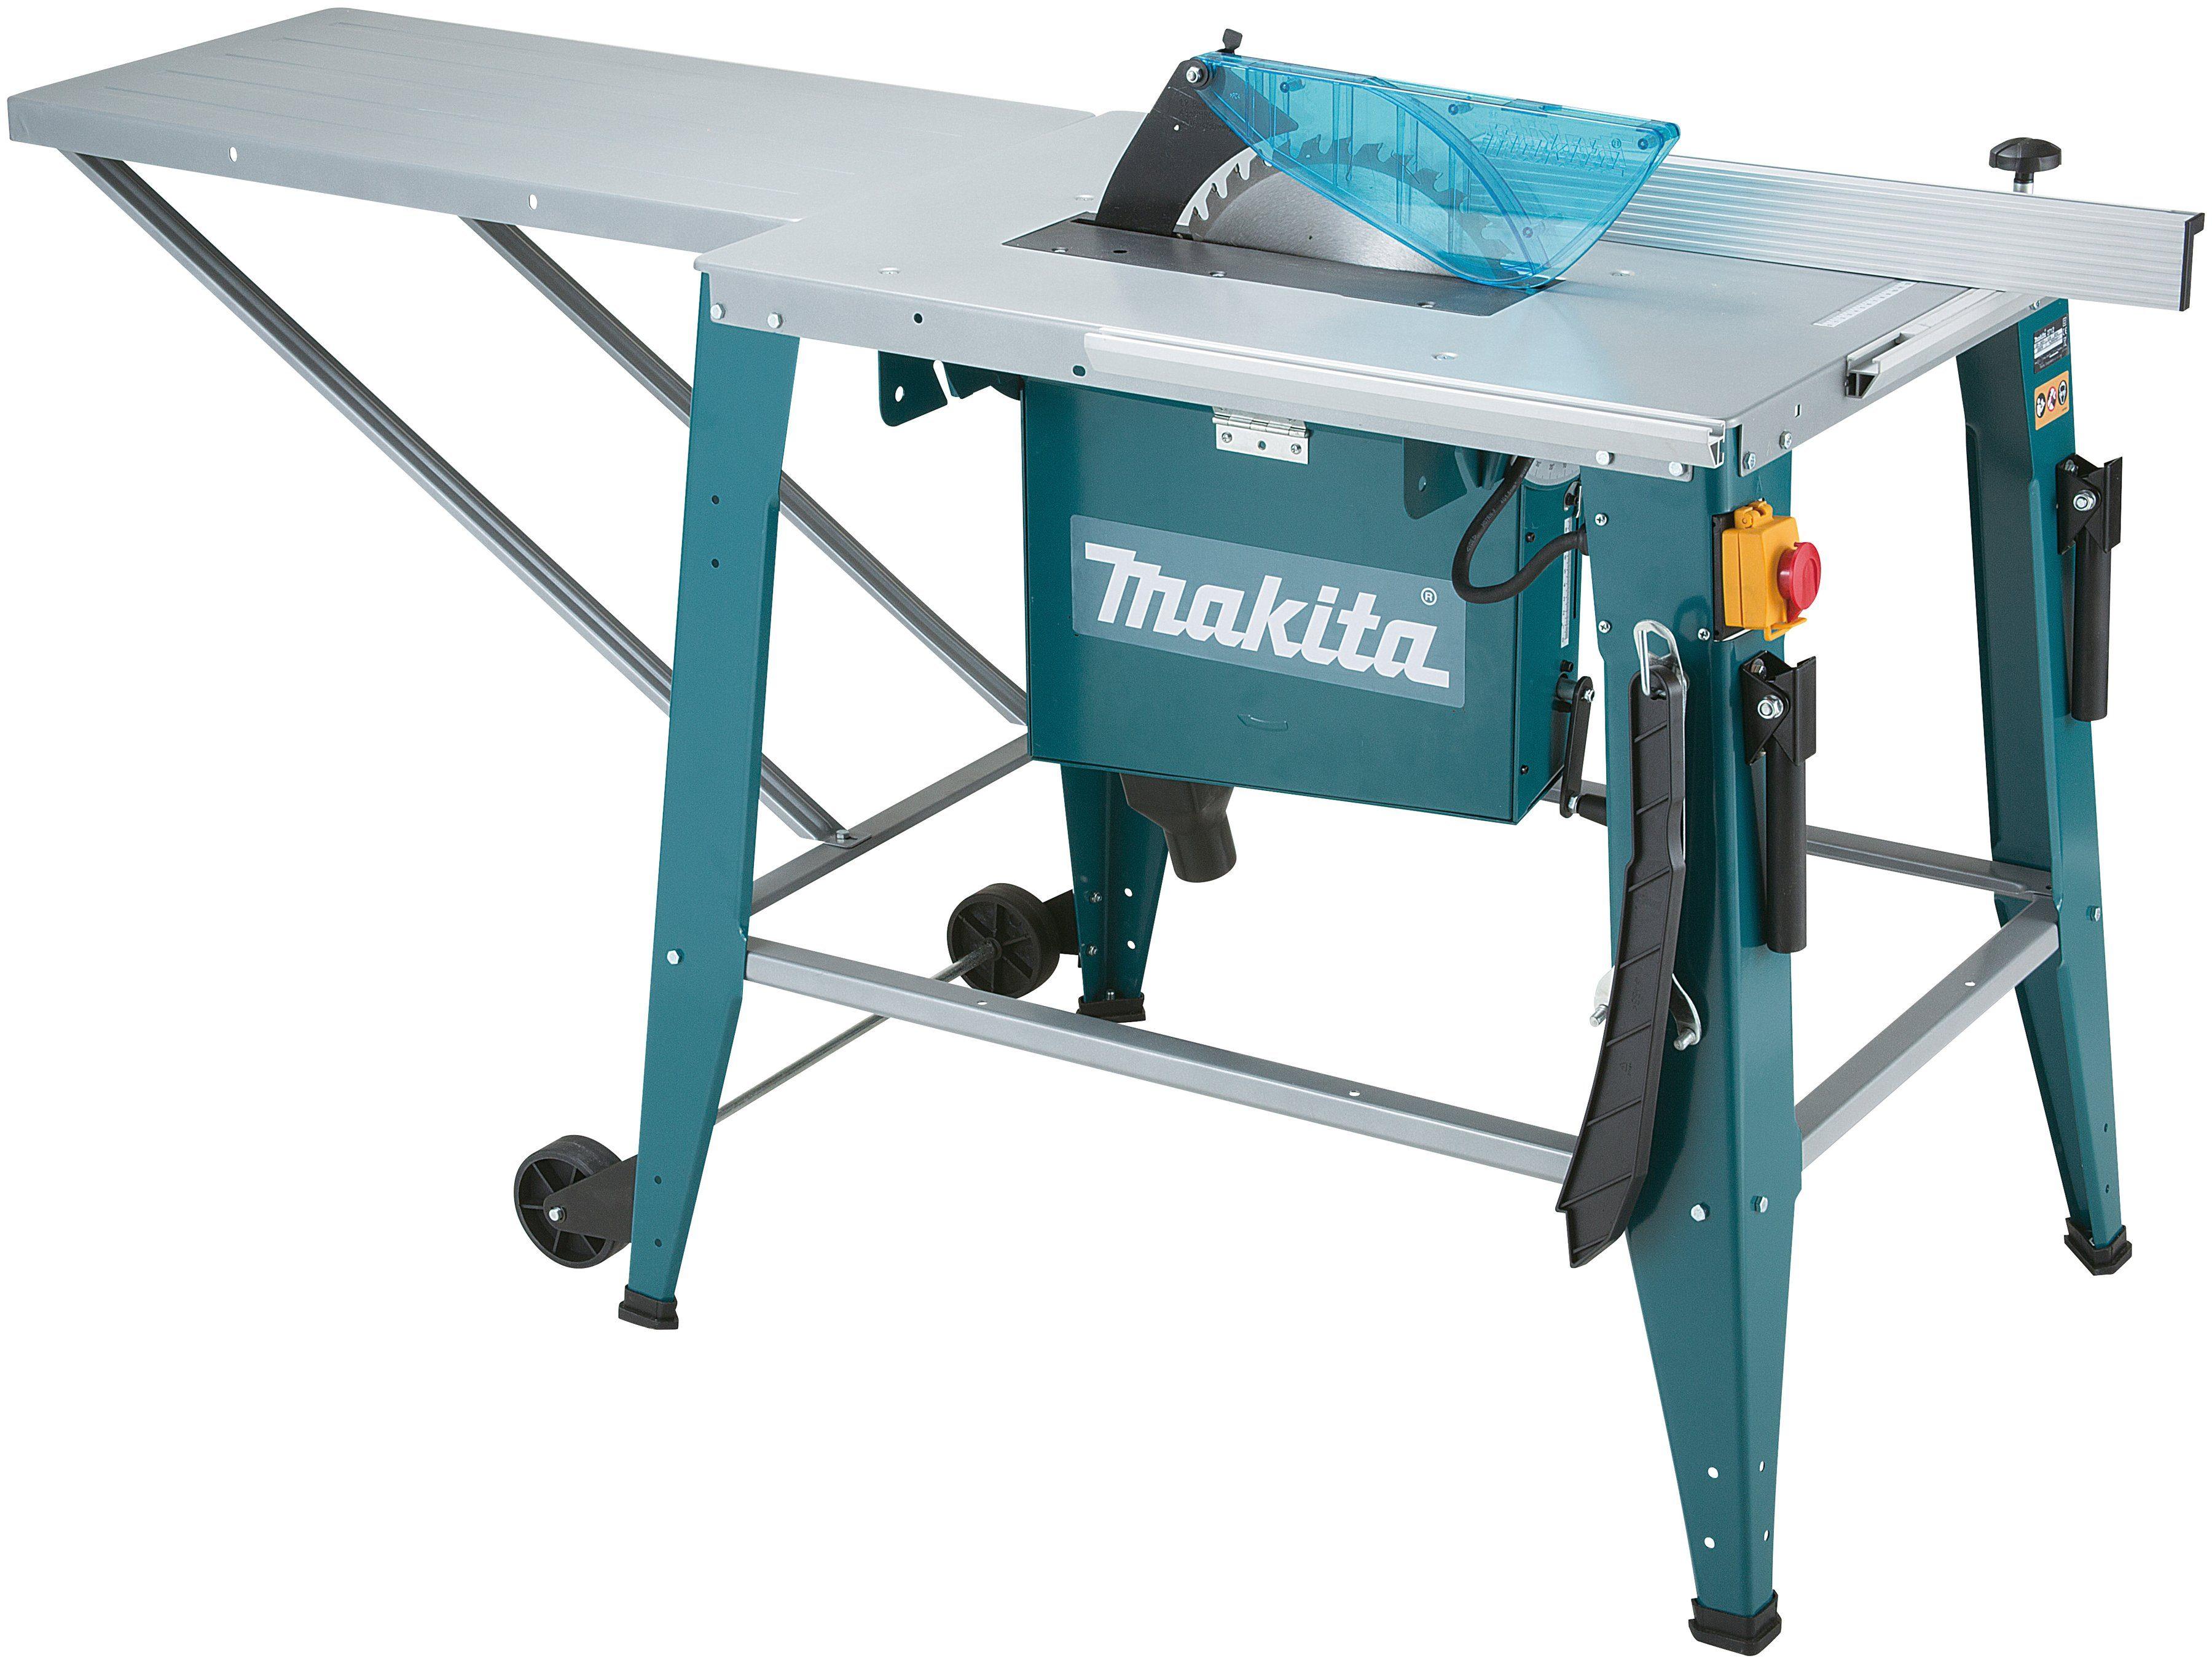 MAKITA Tischkreissäge »2712«, 315 mm